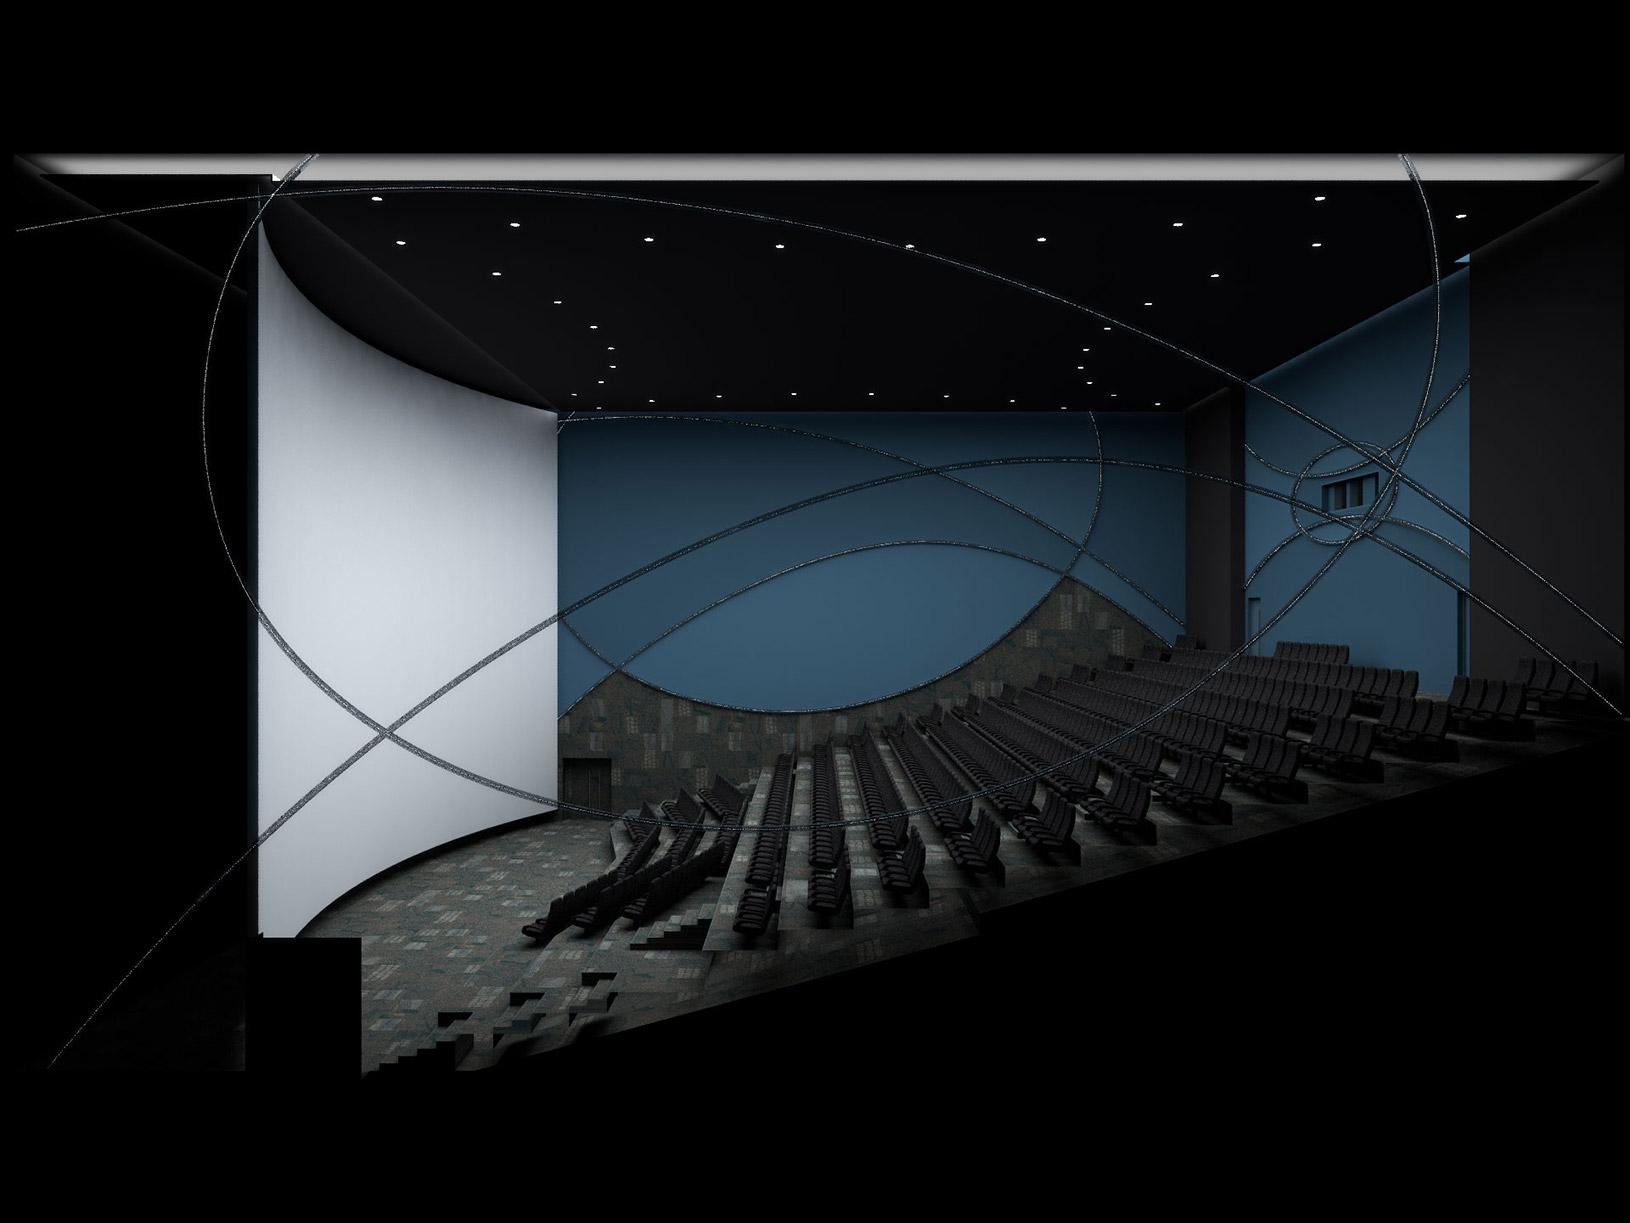 Imax Arena Kino Dvorana Upi 2m Upi 2m